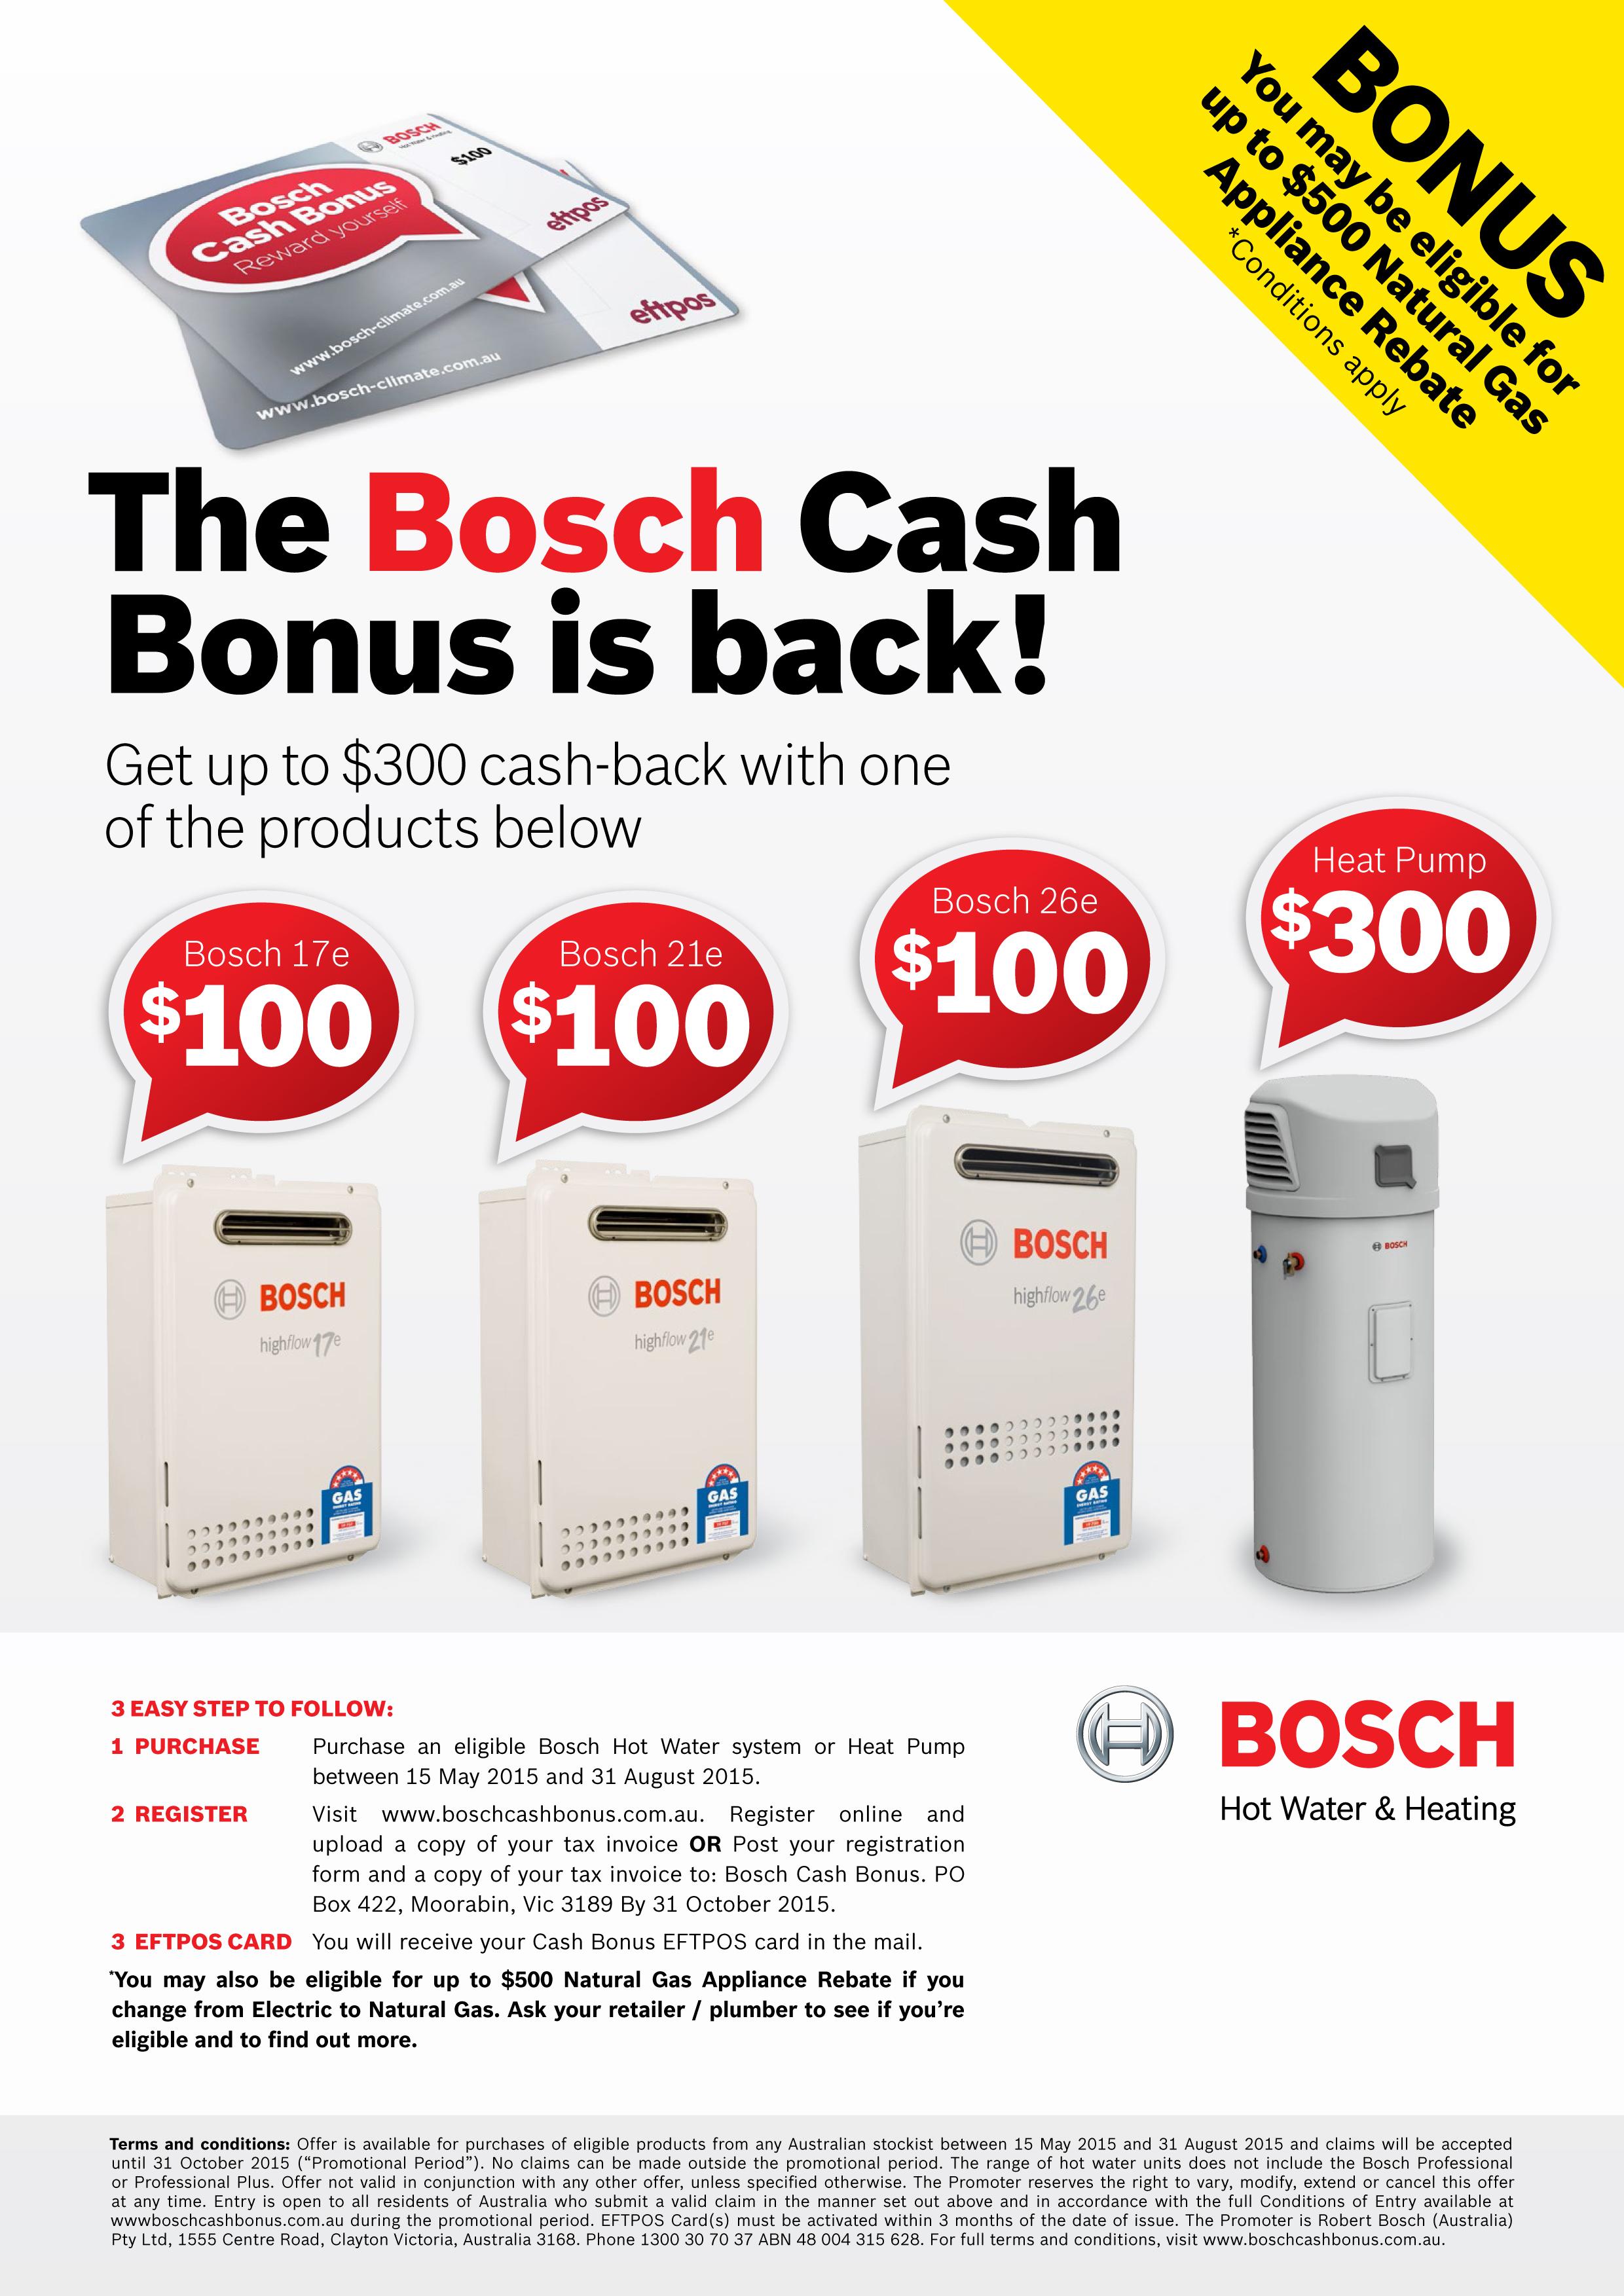 BOSC-1048-Cashback-V5